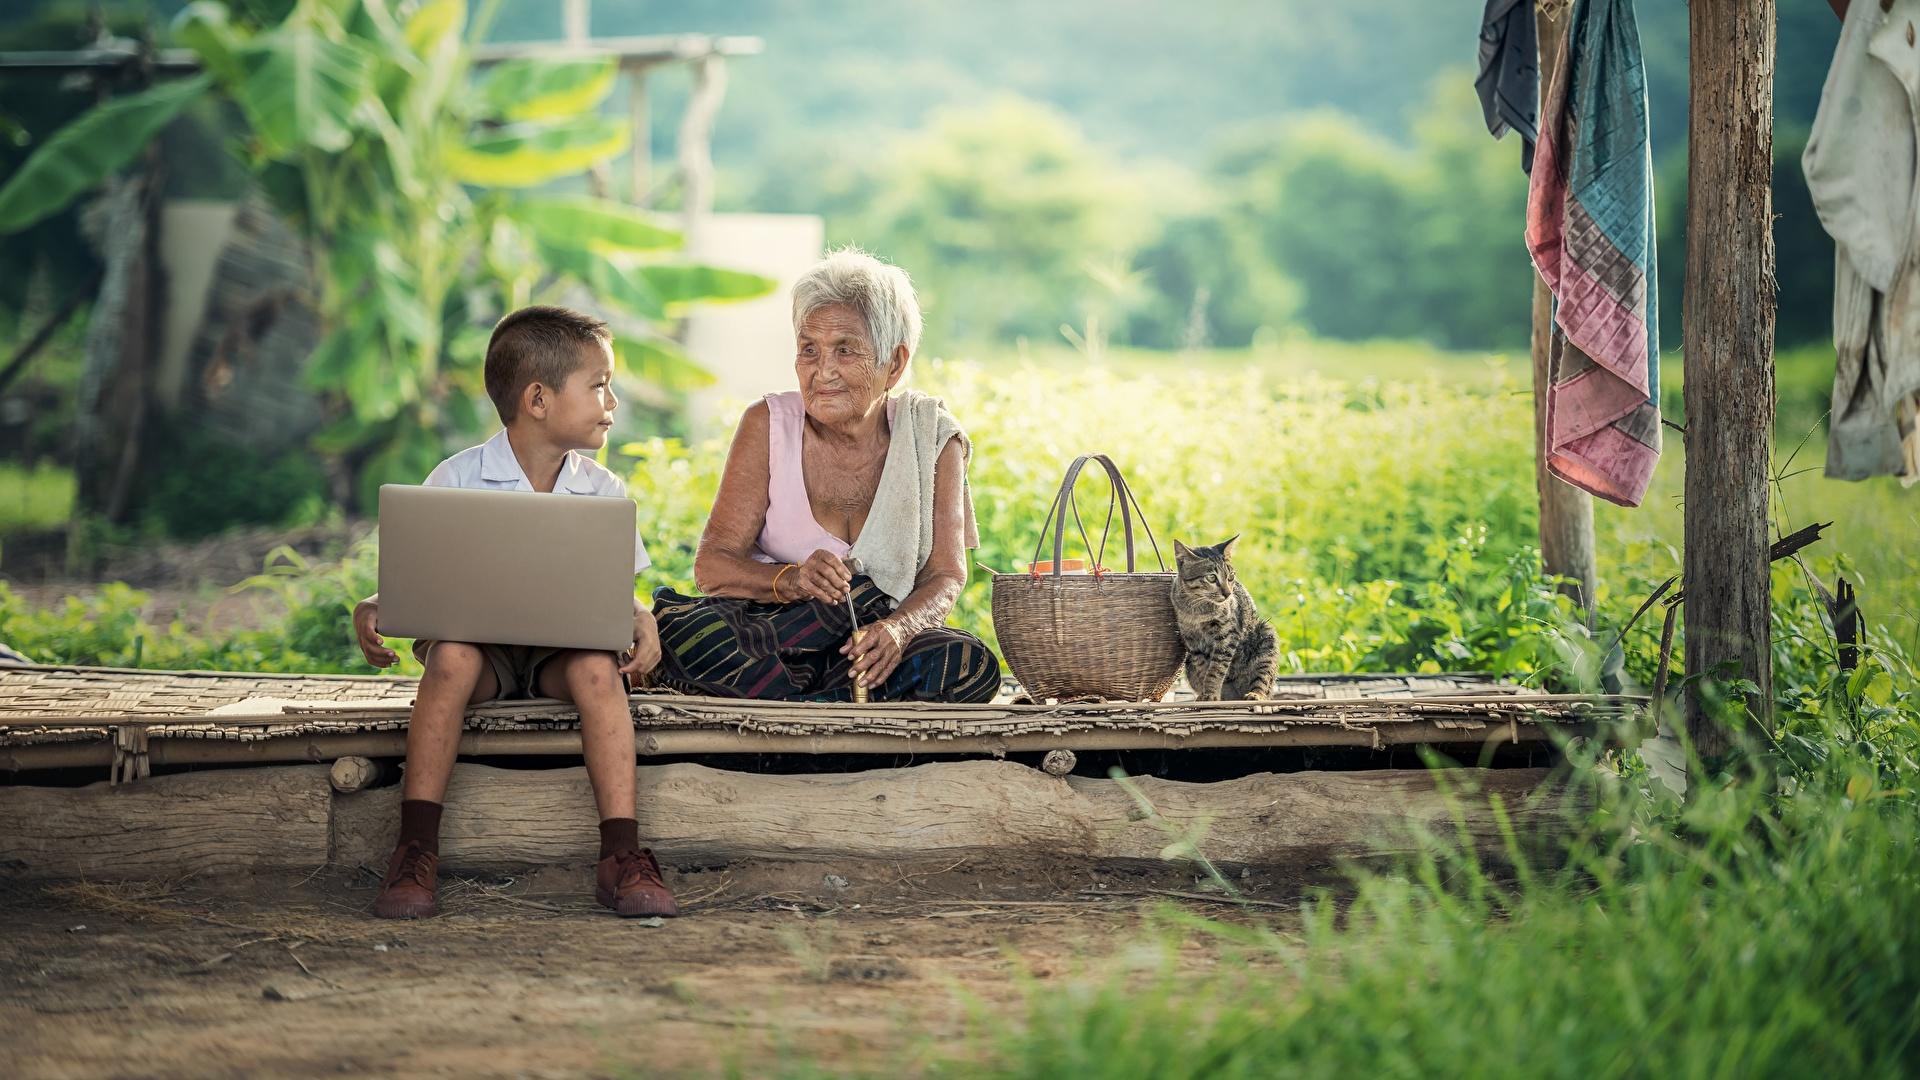 Fotos von Notebook Junge Katze Alte Frau Kinder Weidenkorb Asiatische Gras Sitzend 1920x1080